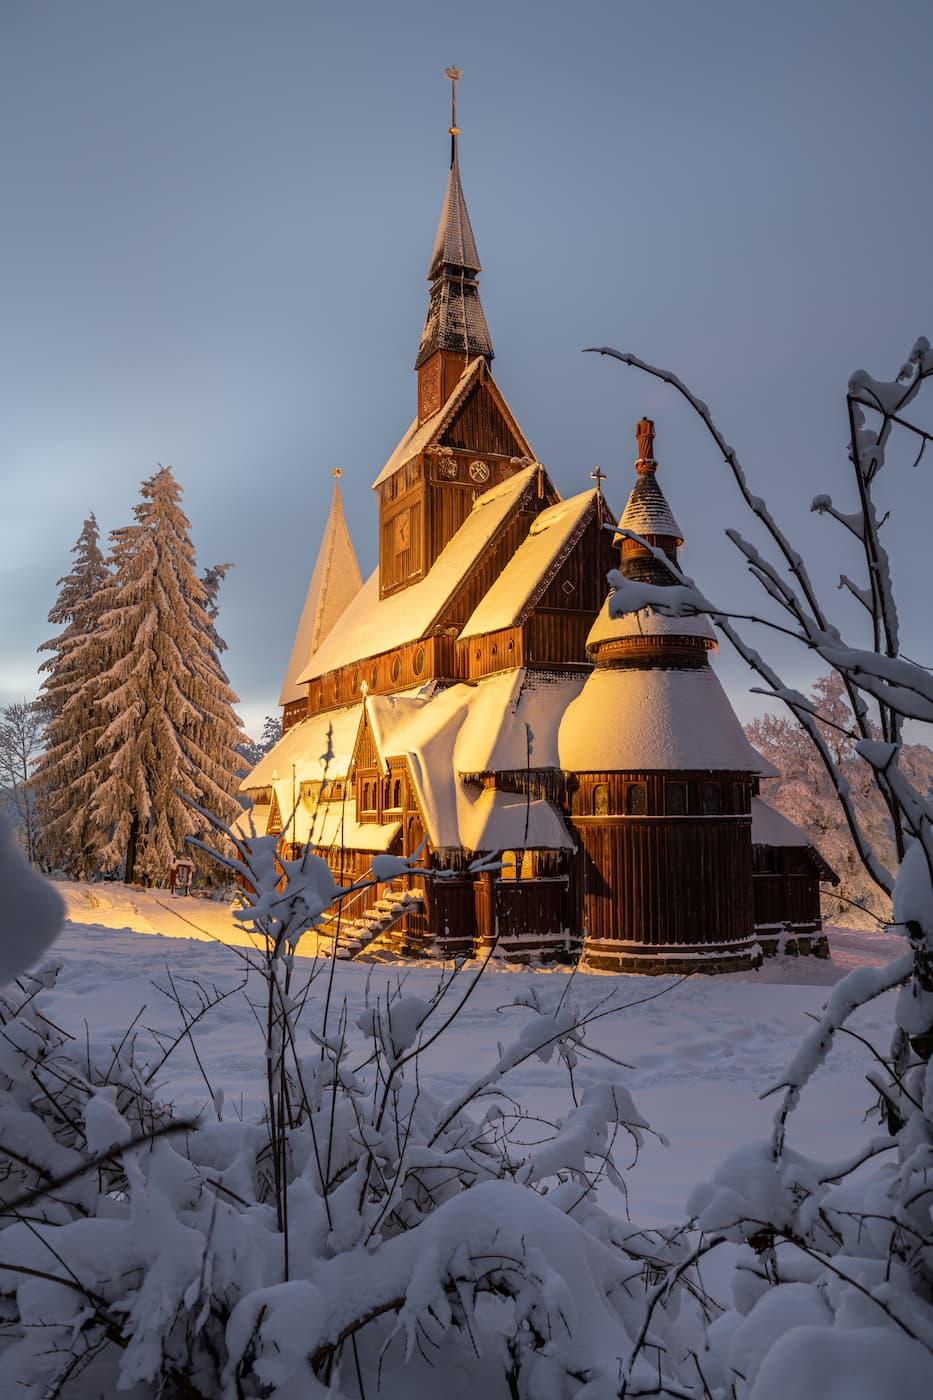 Die mit Schnee bedeckte Stabkirche im Harz in Niedersachsen im goldfarbenen Abendlicht.